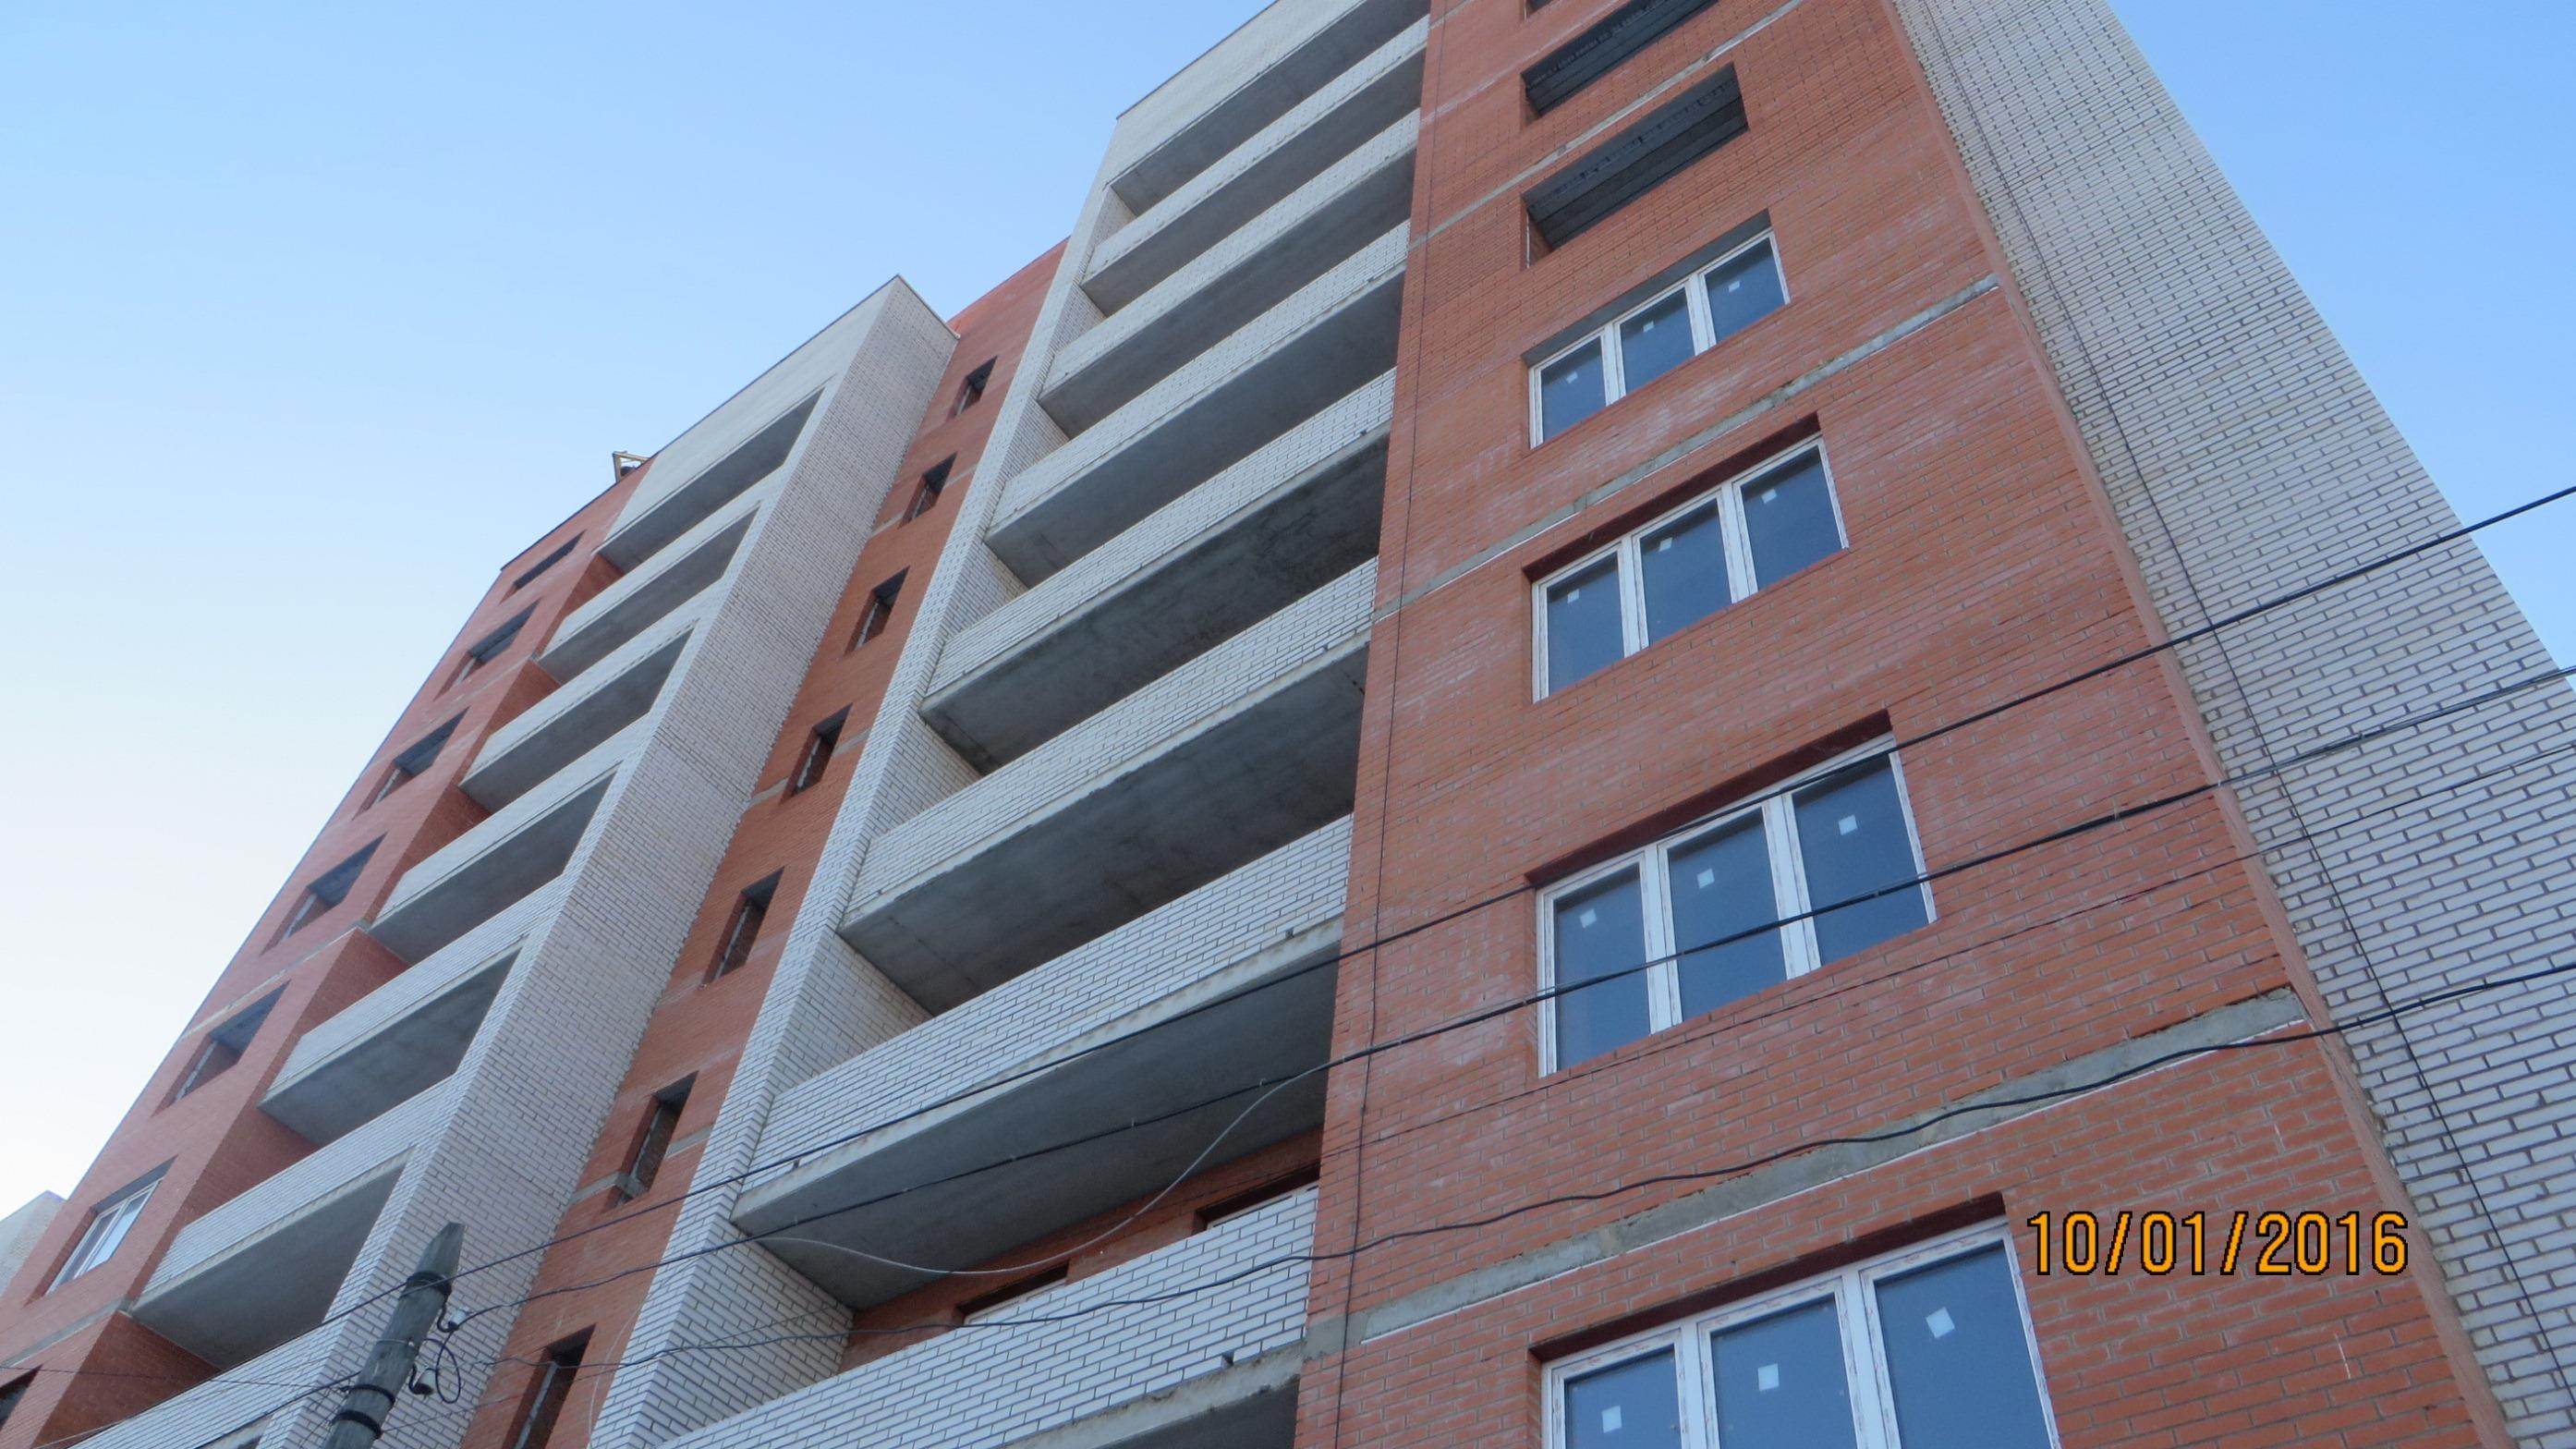 Фотографии жилого дома по улице Пионерская г. Тула. ООО Стромсервис плюс.